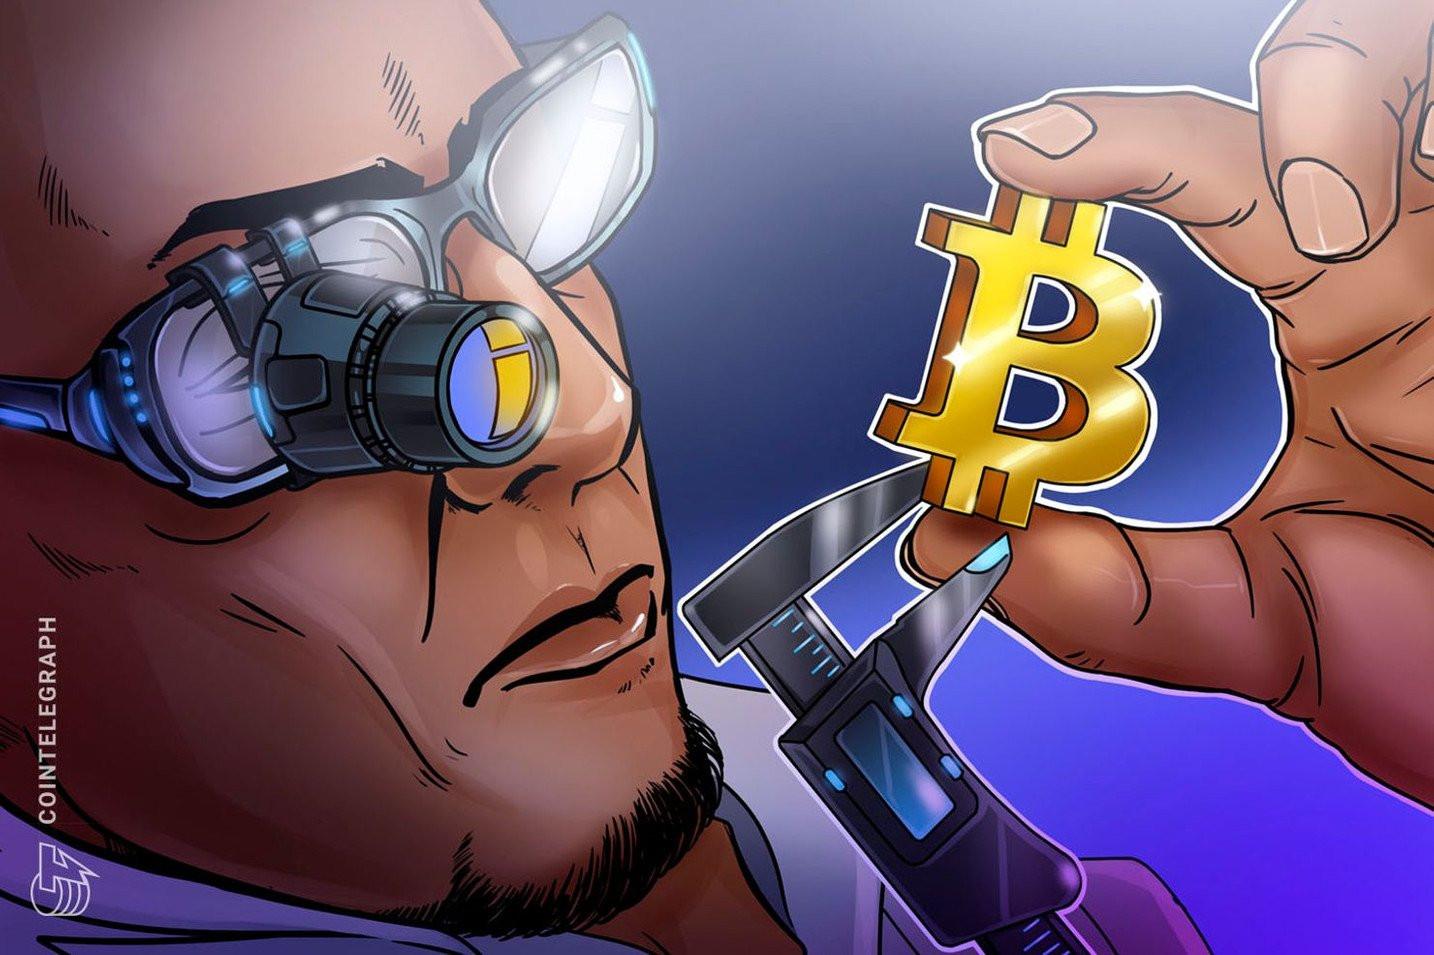 仮想通貨投資ファンドのグレイスケールに過去最高の資本流入、ビットコイン投信がトップの3億9000万ドル